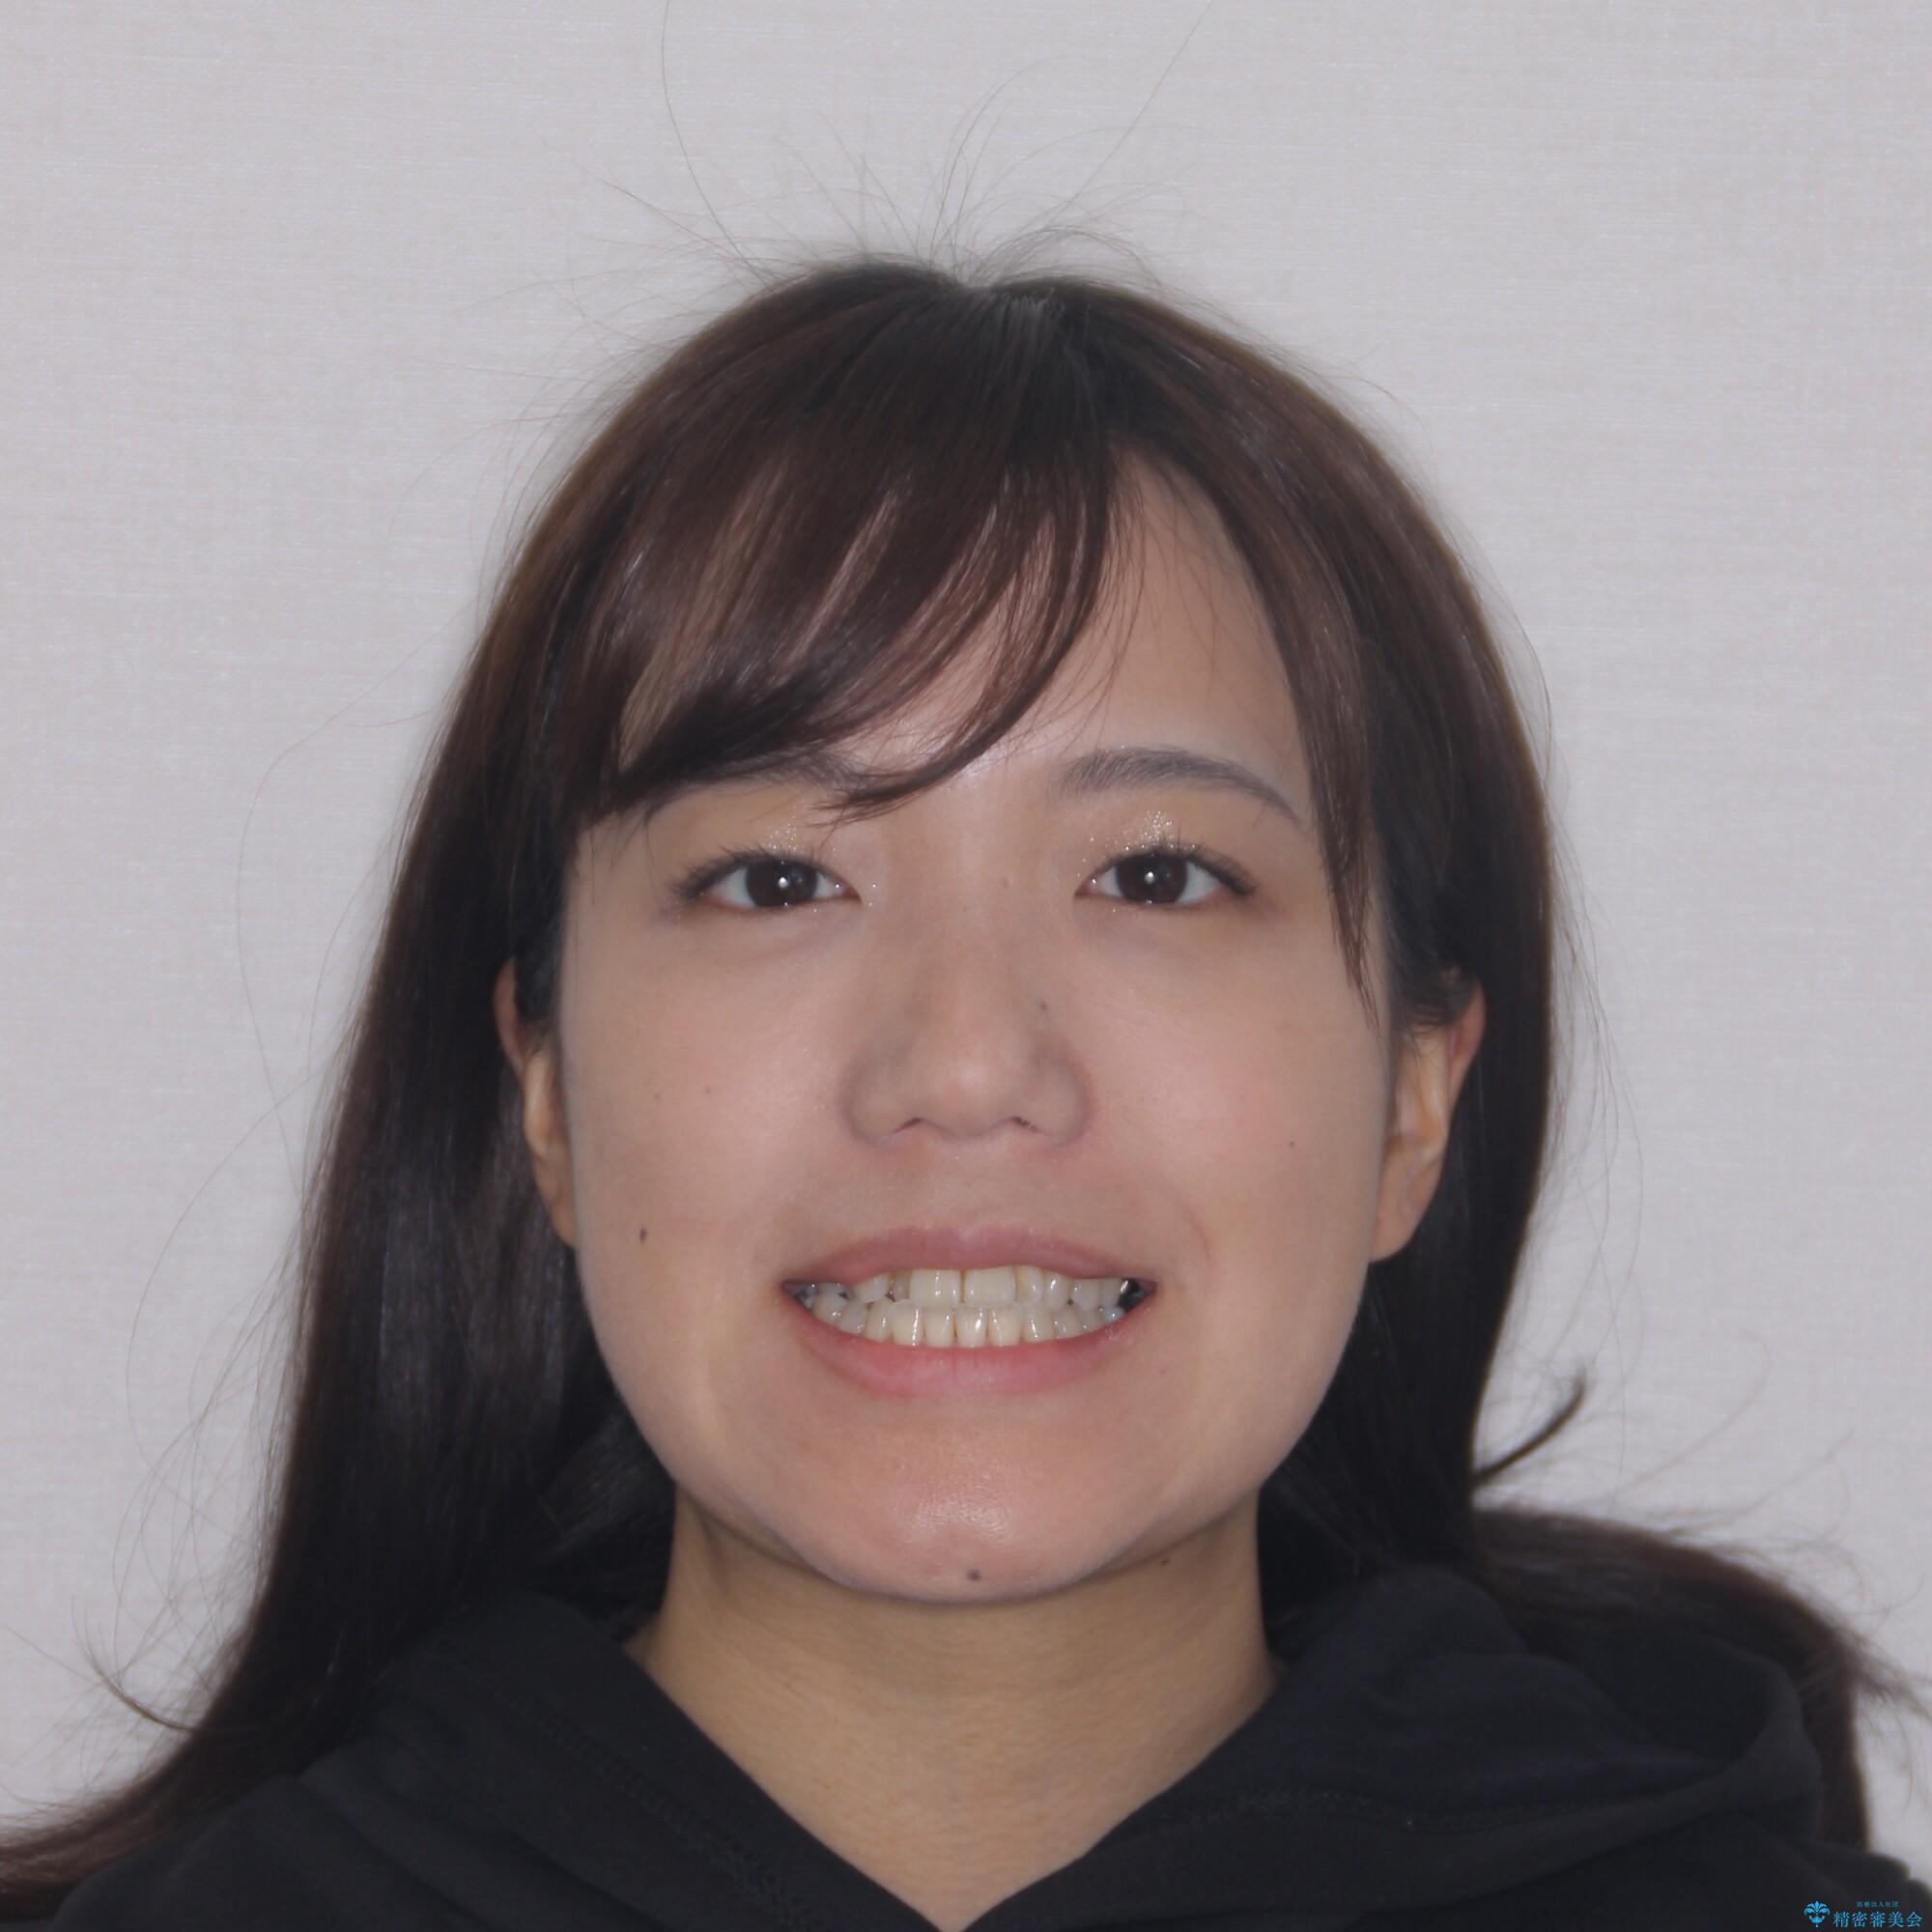 【モニター】幅の狭い上顎歯列 骨幅を拡大する矯正治療の治療前(顔貌)